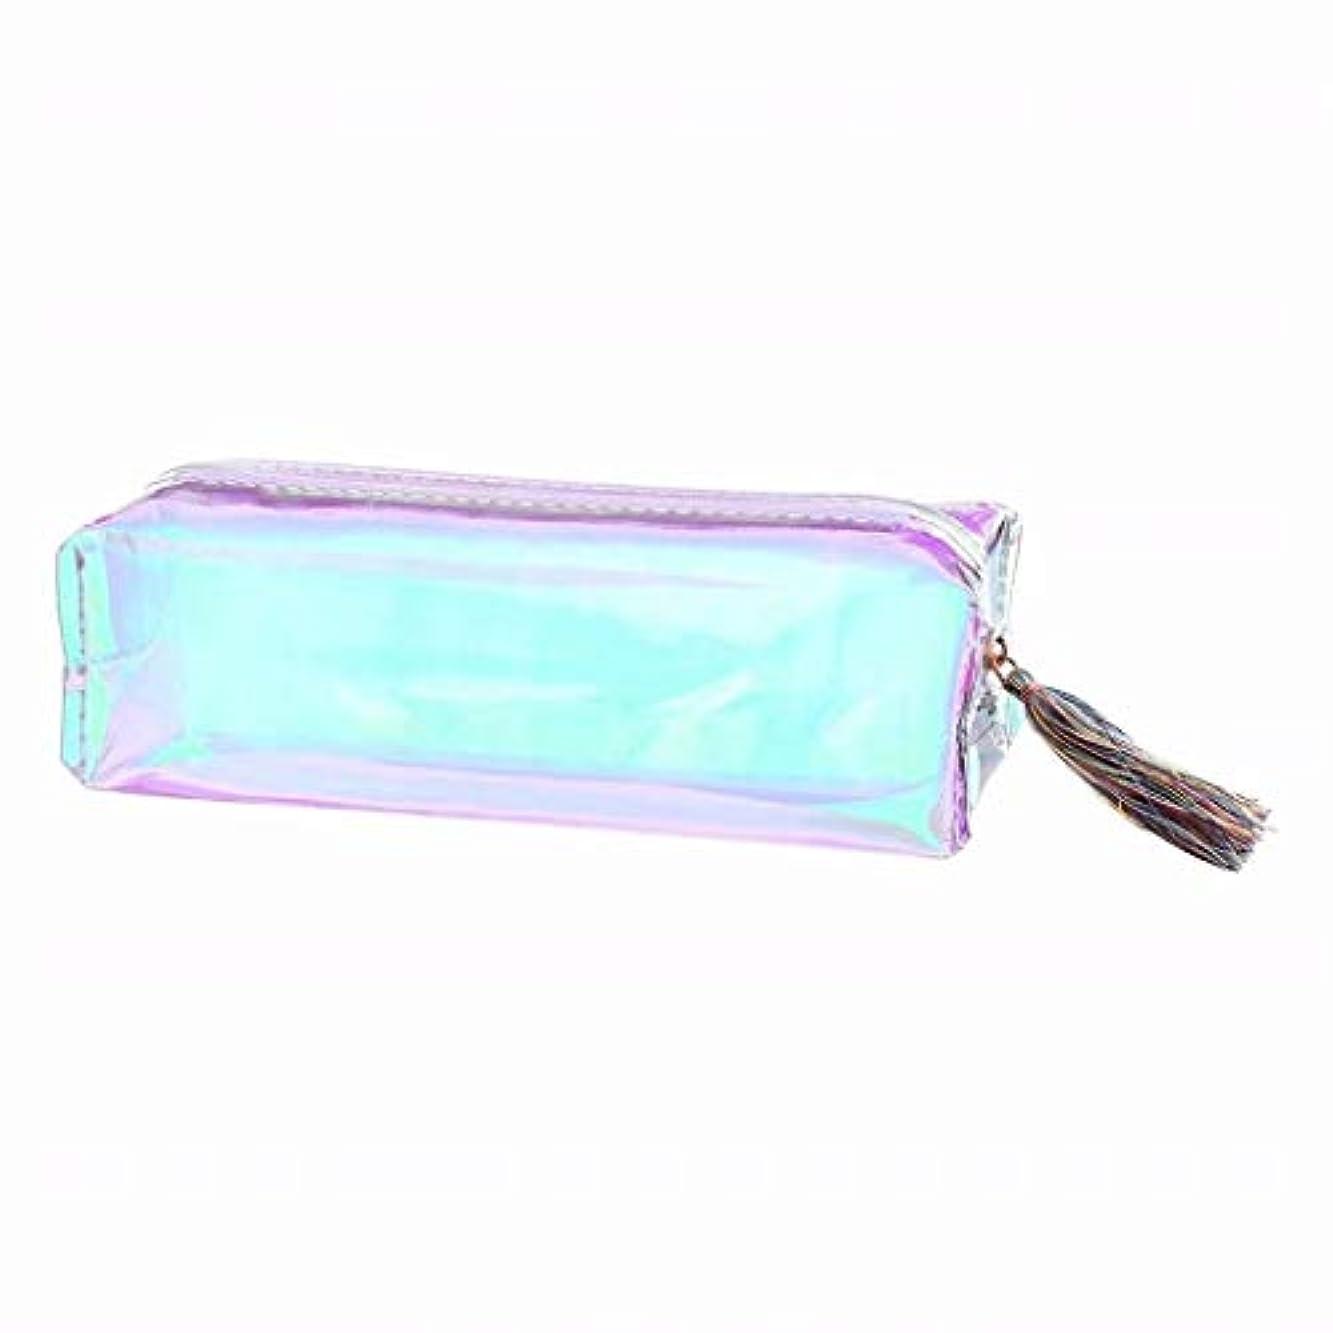 ライドどうしたの皮肉七里の香 大容量の文房具の鉛筆のペンケースの化粧品袋のジッパーの袋の財布